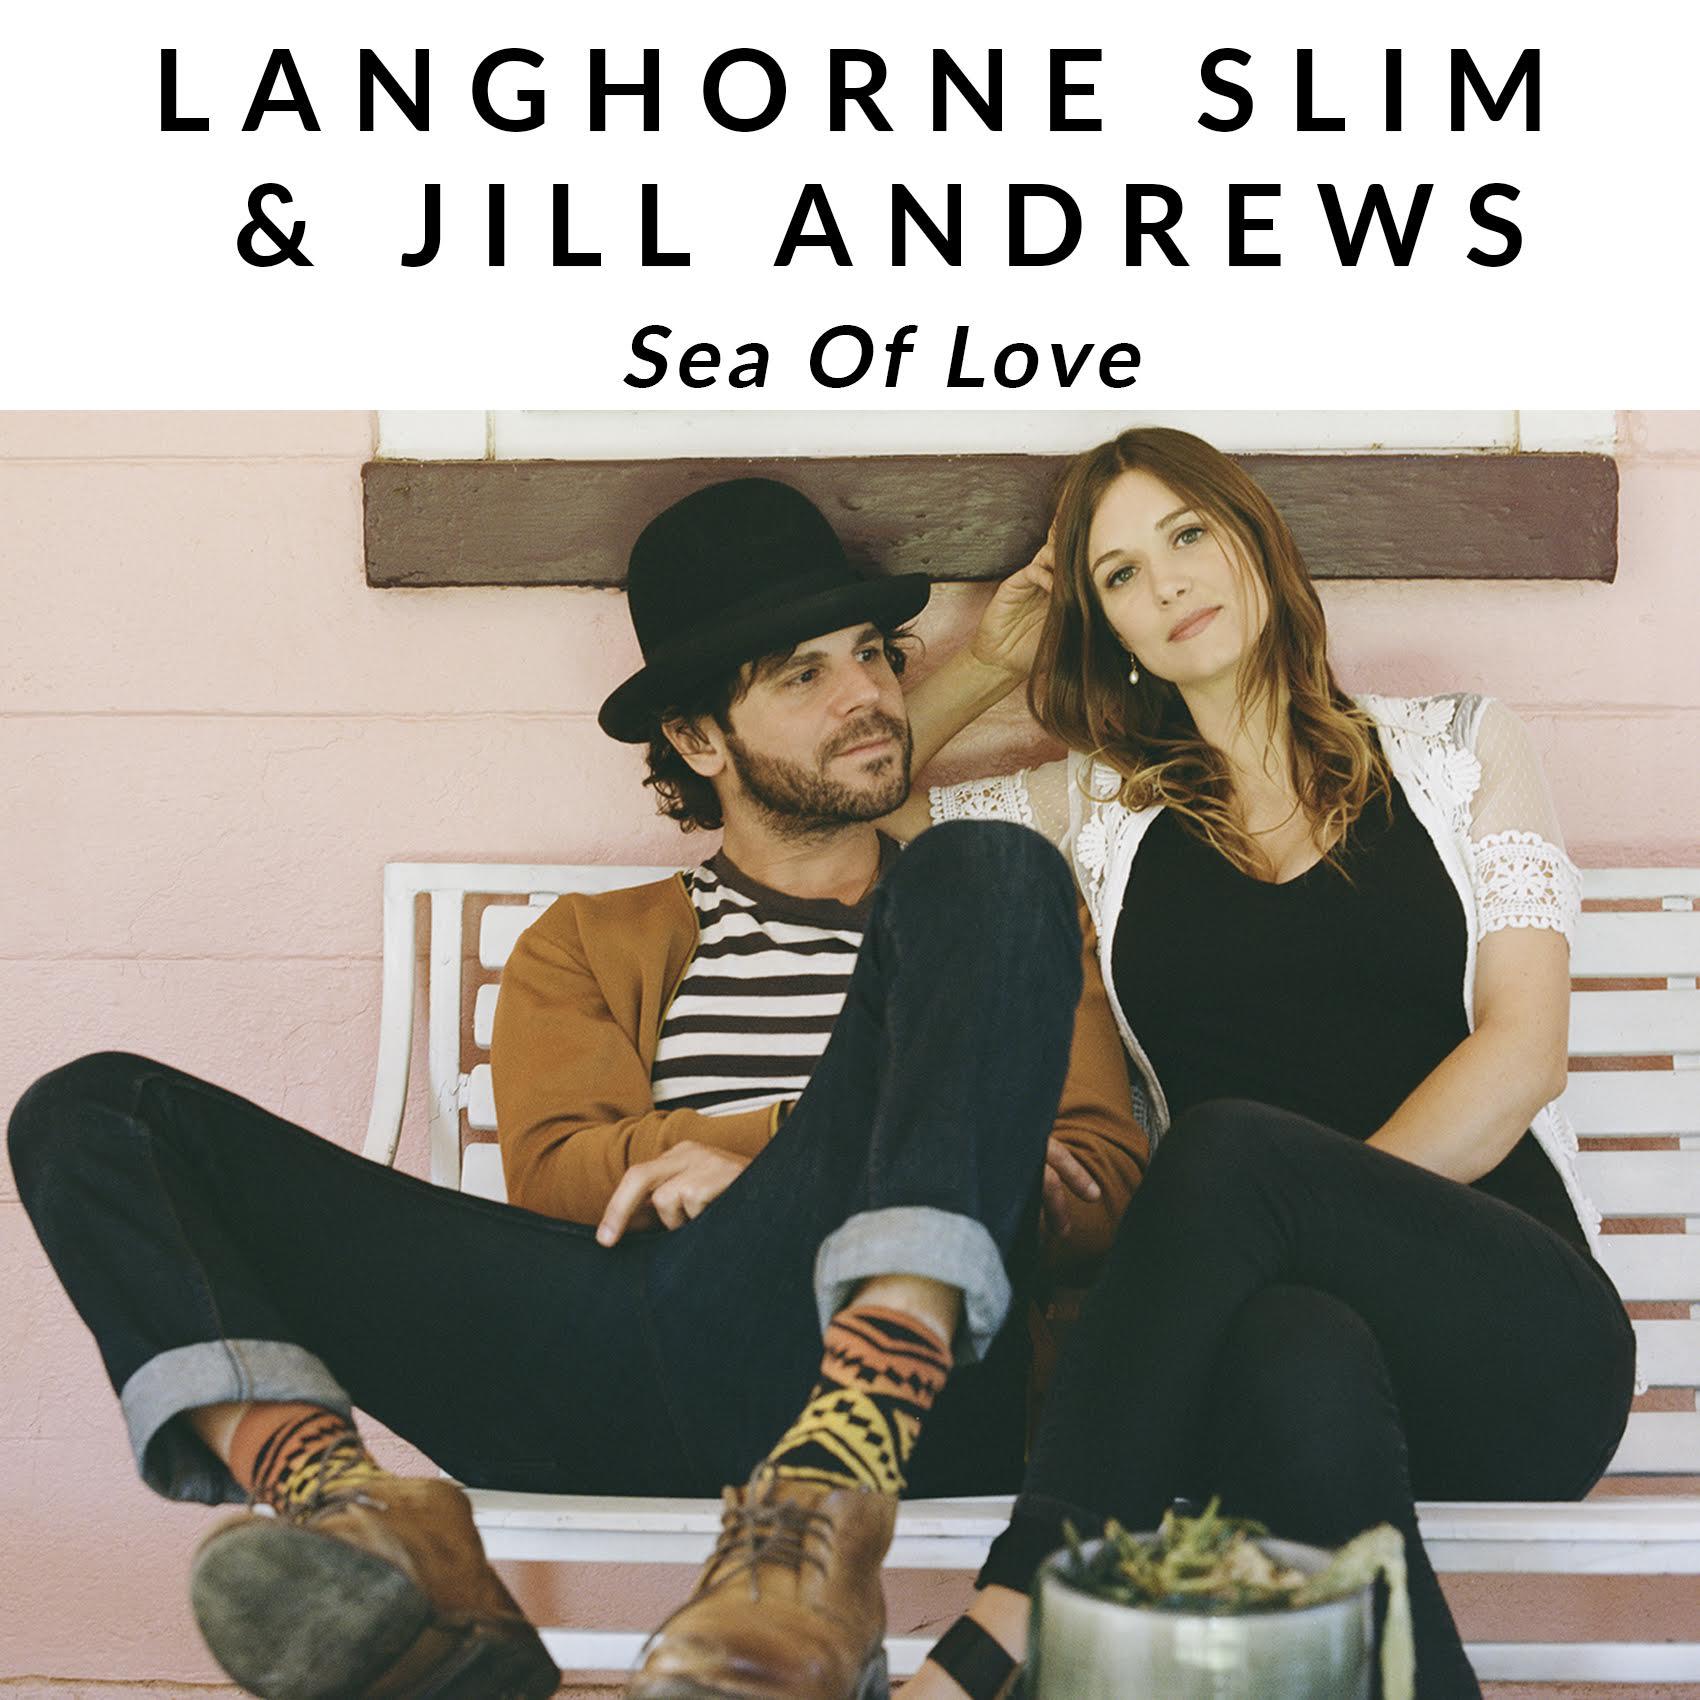 Langhorne Slim and Jill Andrews, 'Sea of Love'